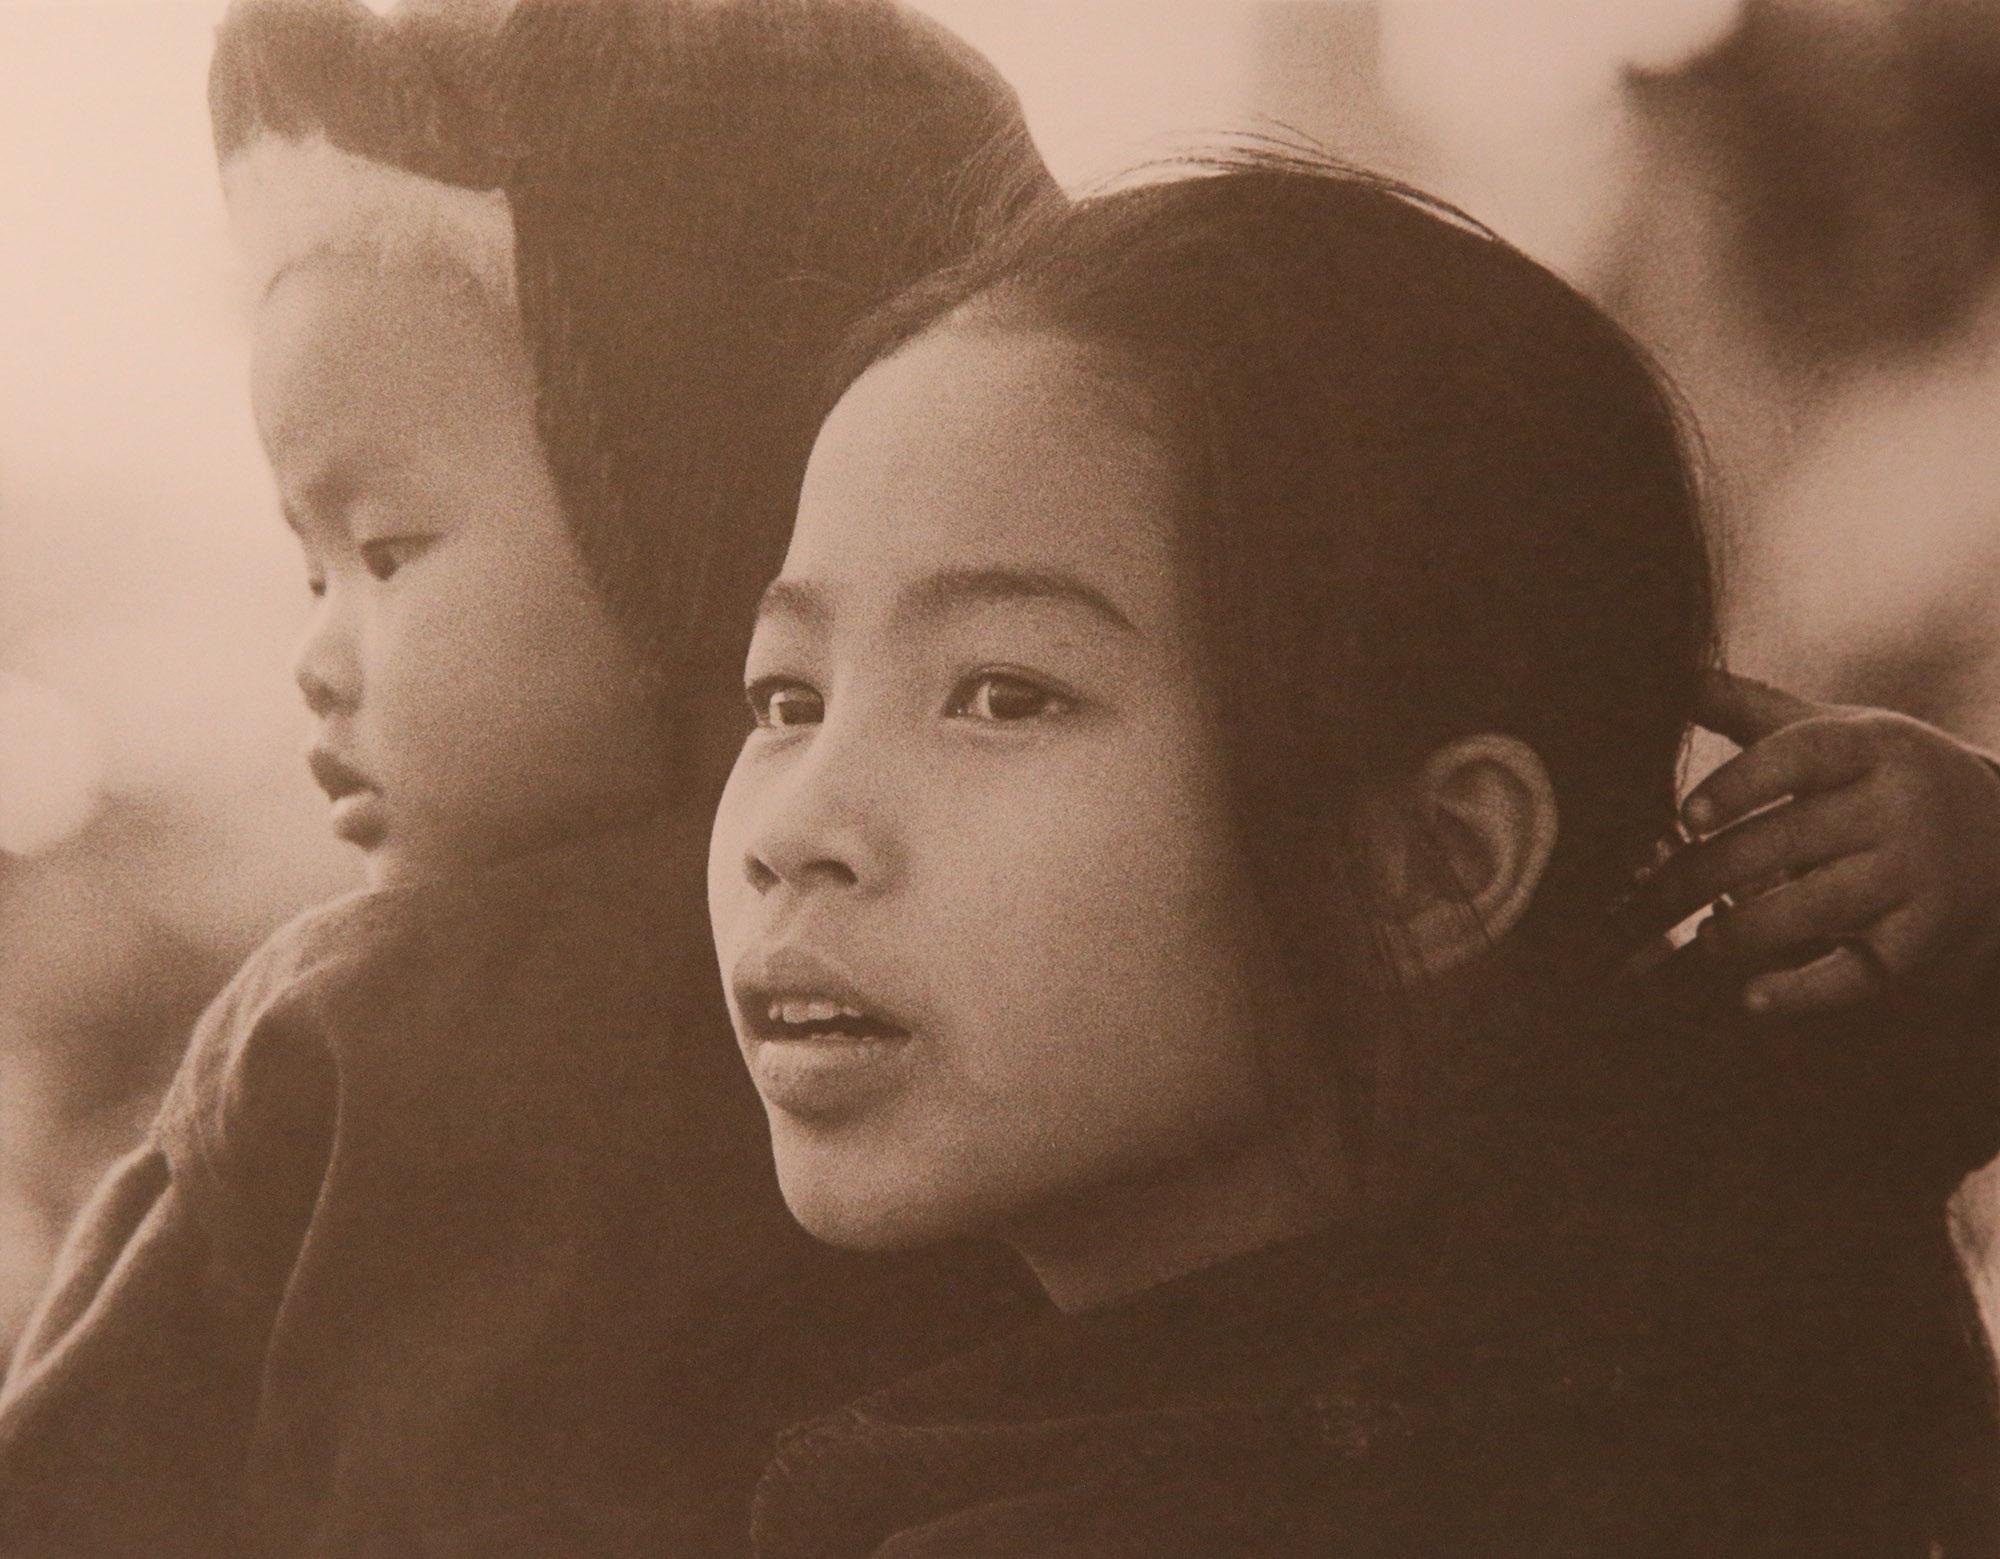 Hình ảnh quý về Hà Nội thời gian khó của nhiếp ảnh gia người Đức - 6